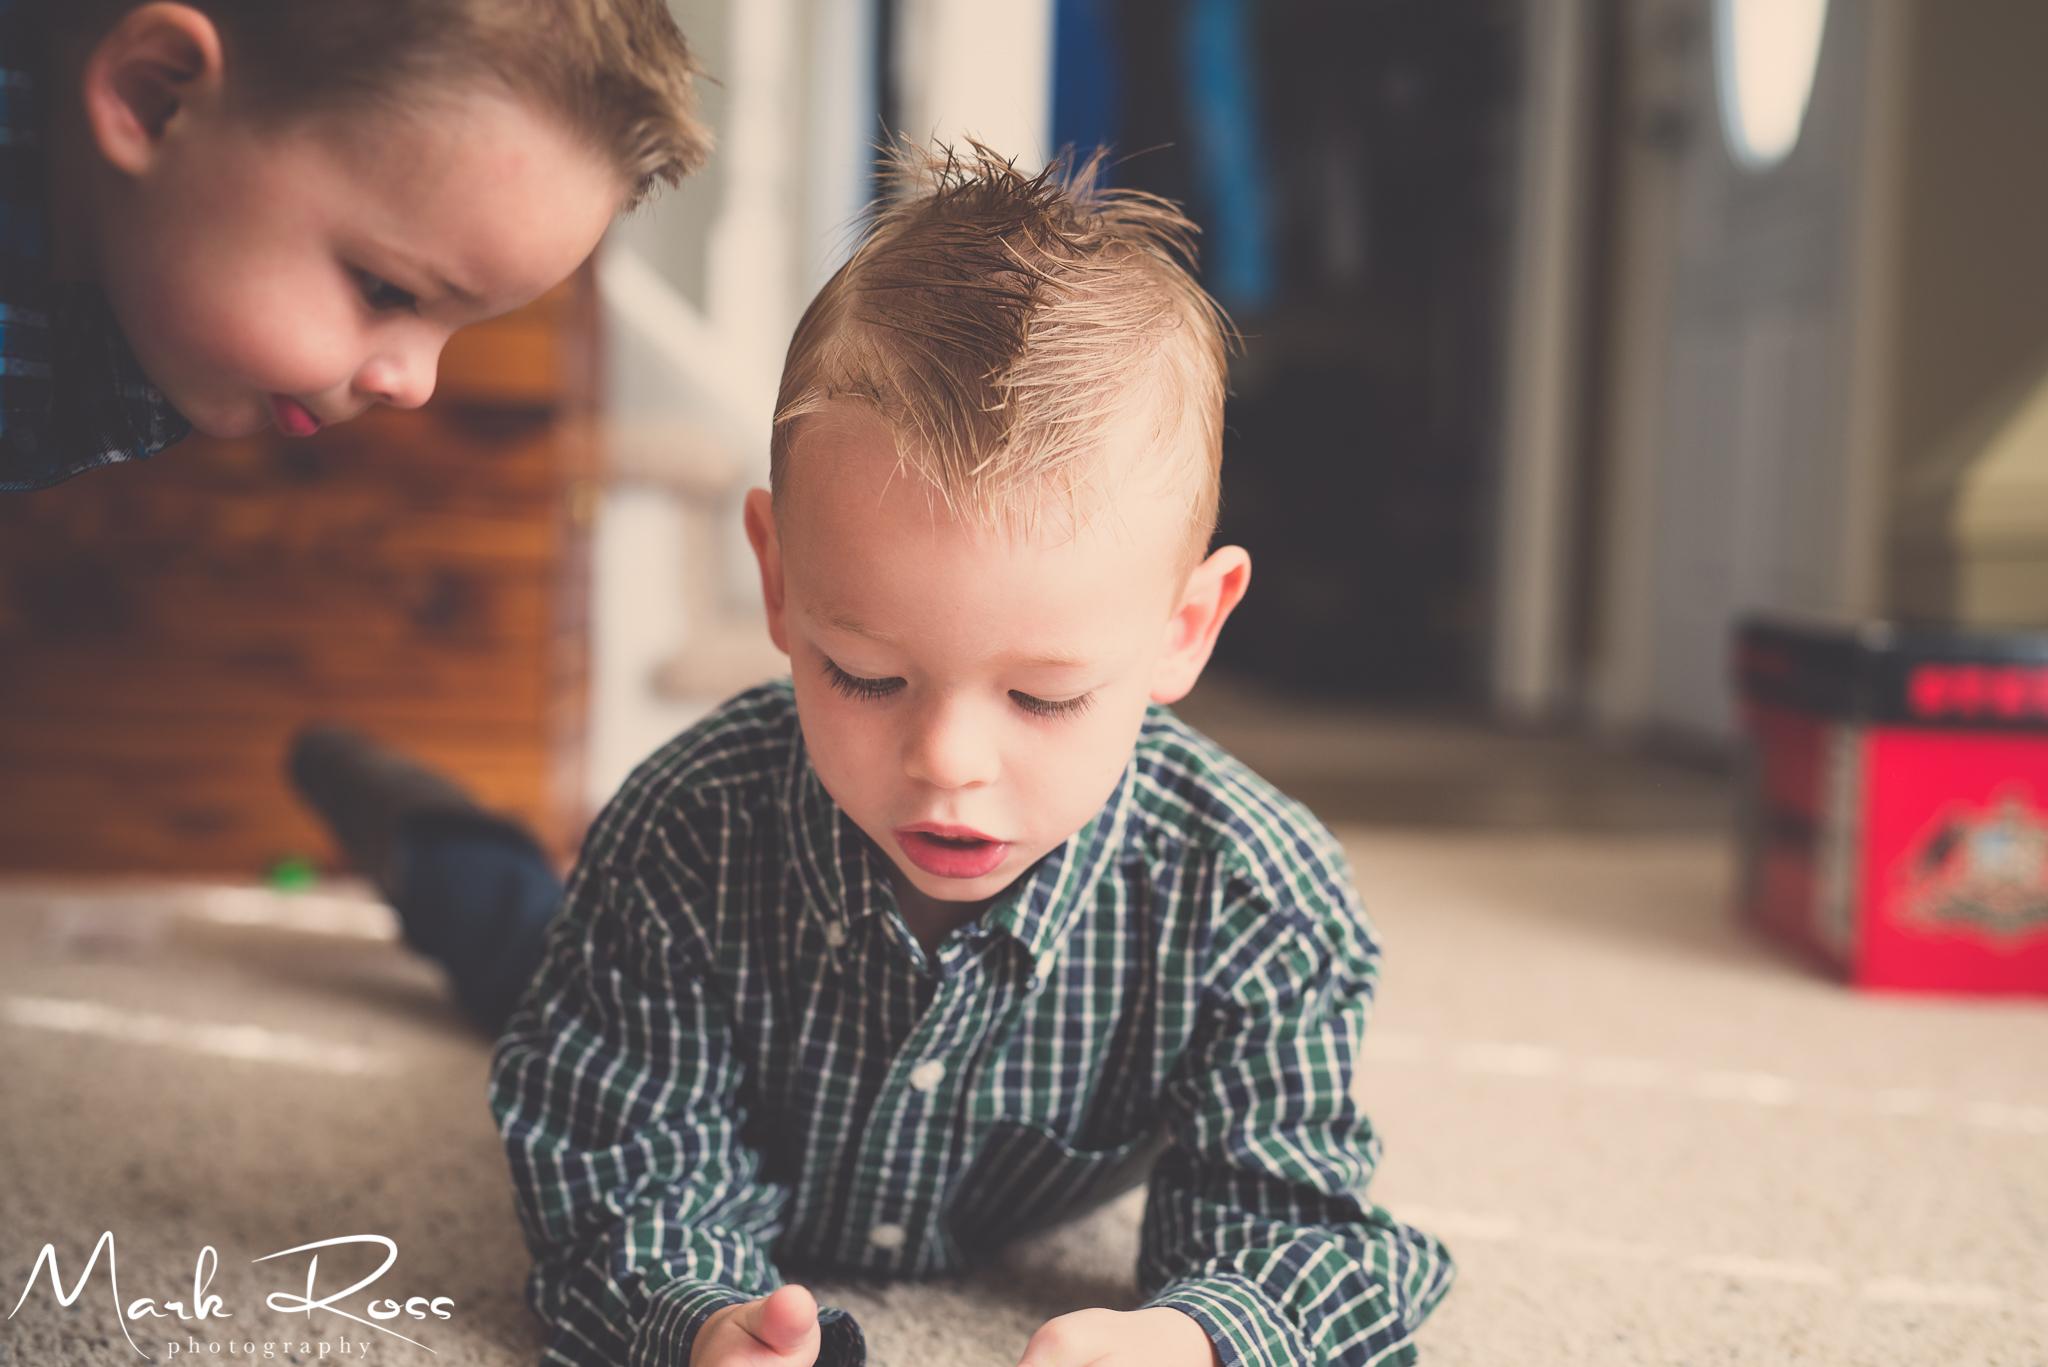 Denver-Family-Photographer-Blog-Mark-Ross-Photography-Glas-Family-3.jpg